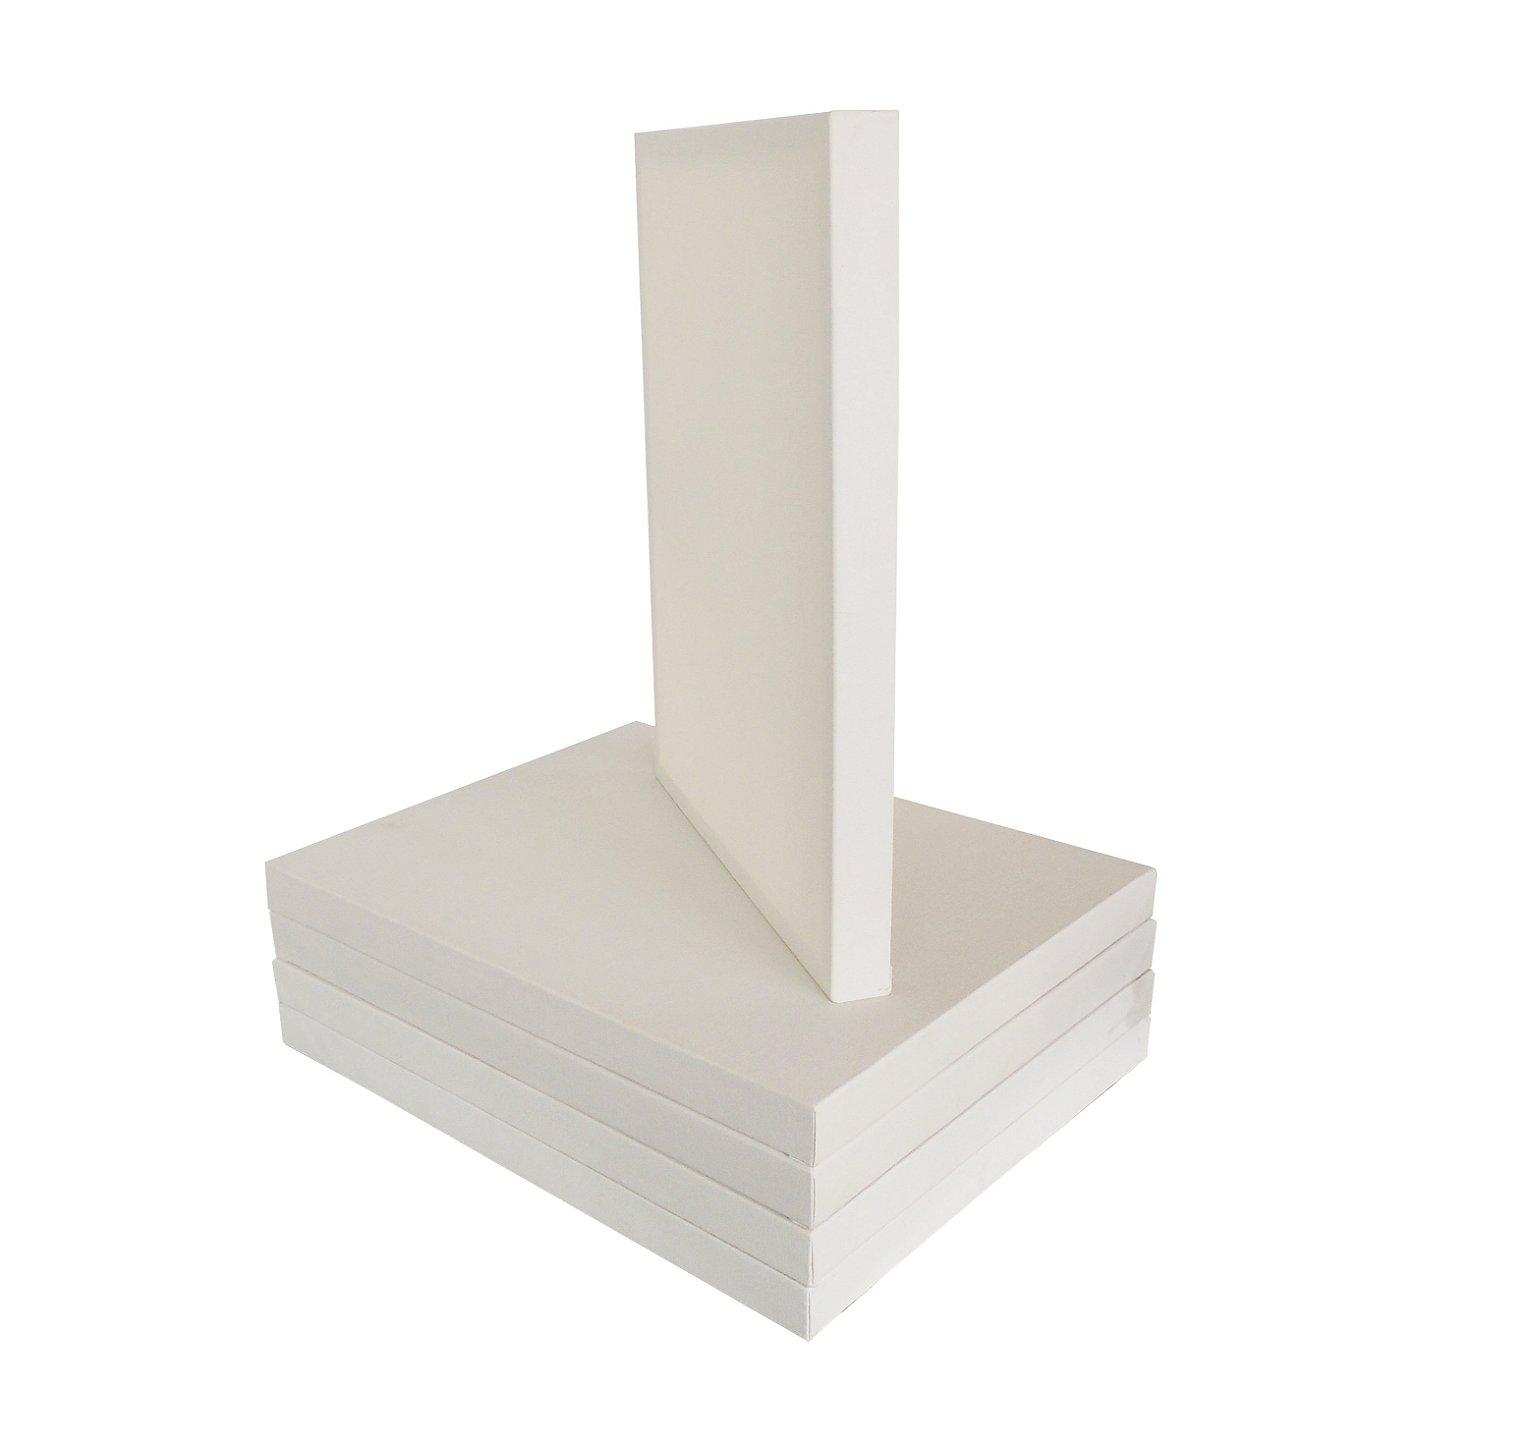 painel-para-pintura-50x80